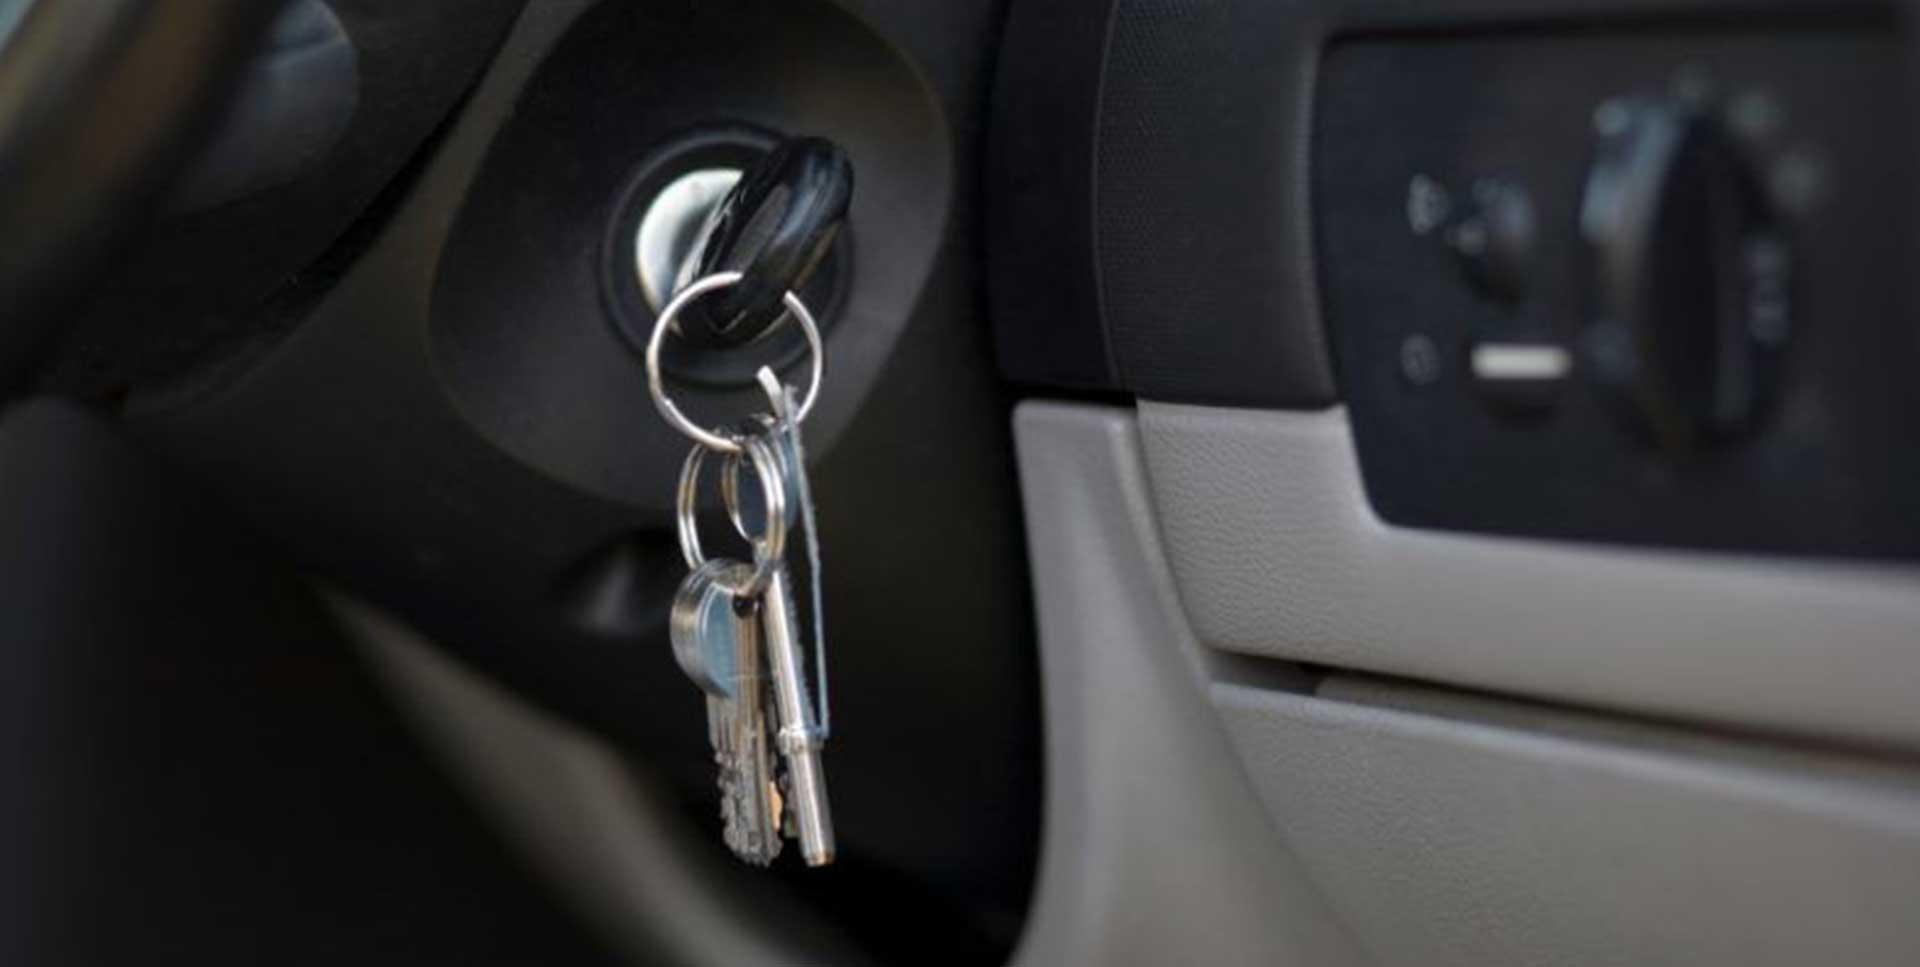 Soccorso con carro attrezzi di veicoli chiusi senza chiave